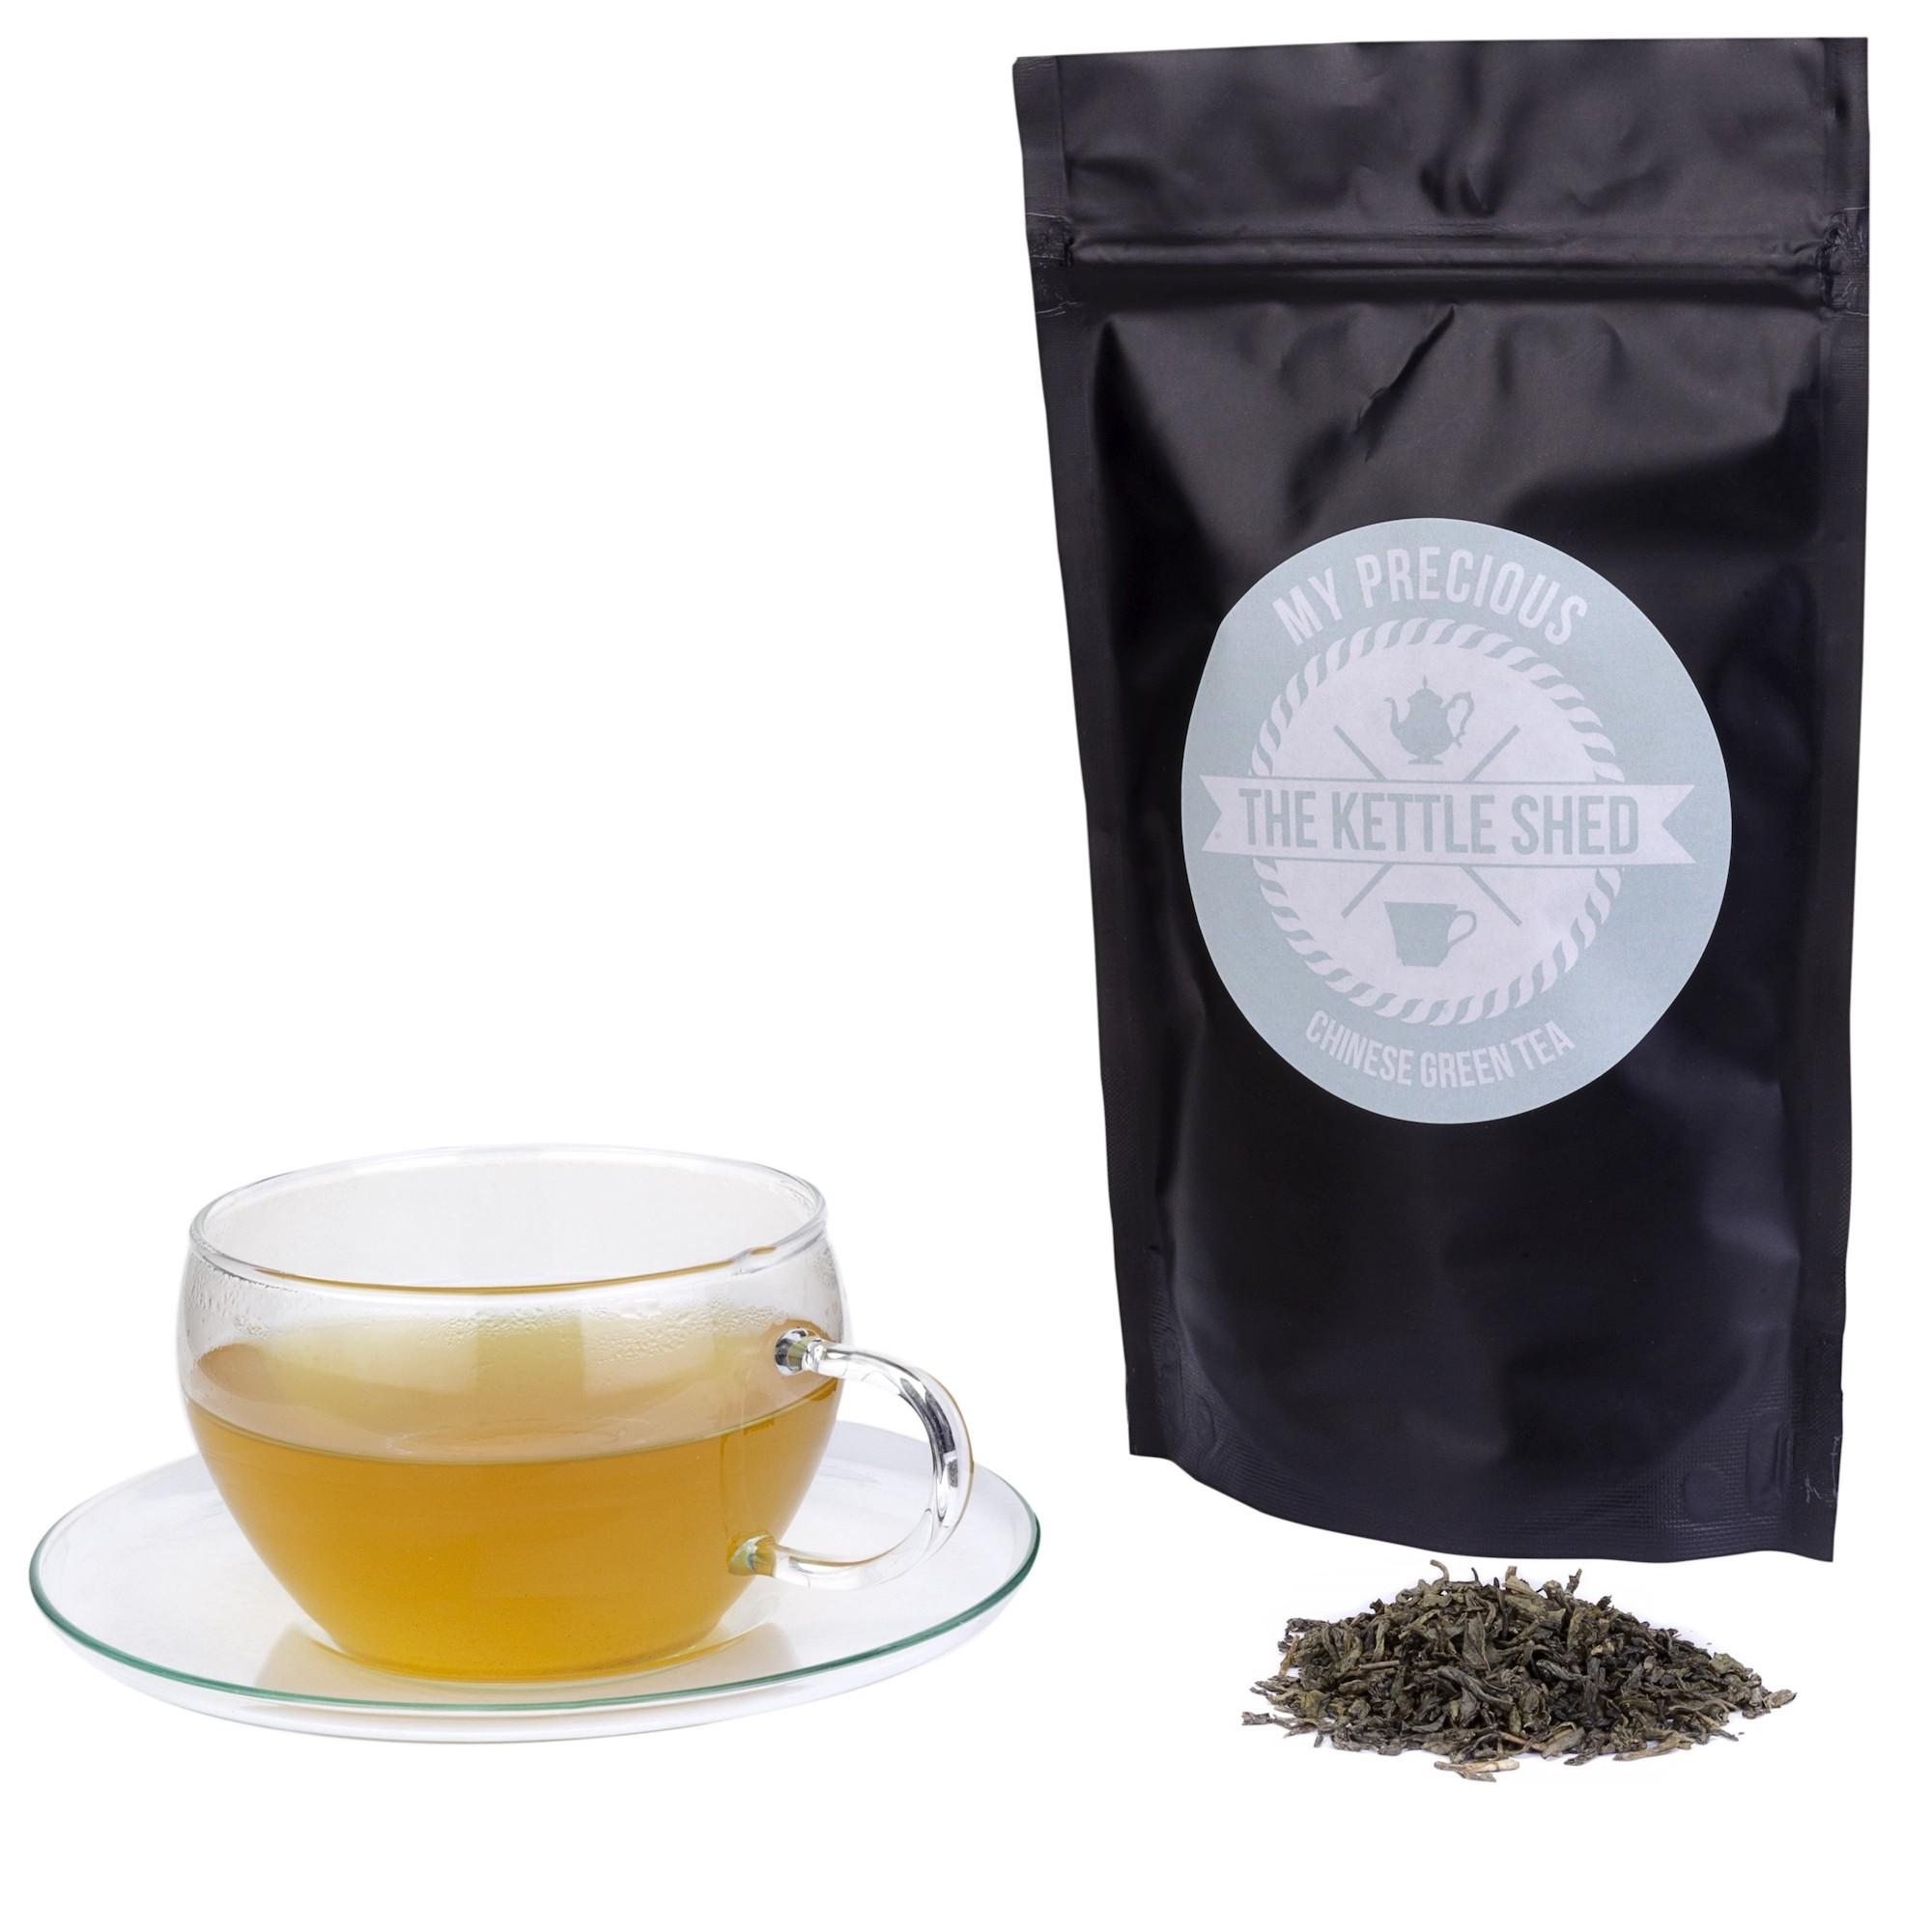 My Precious - 100g Loose Leaf Tea